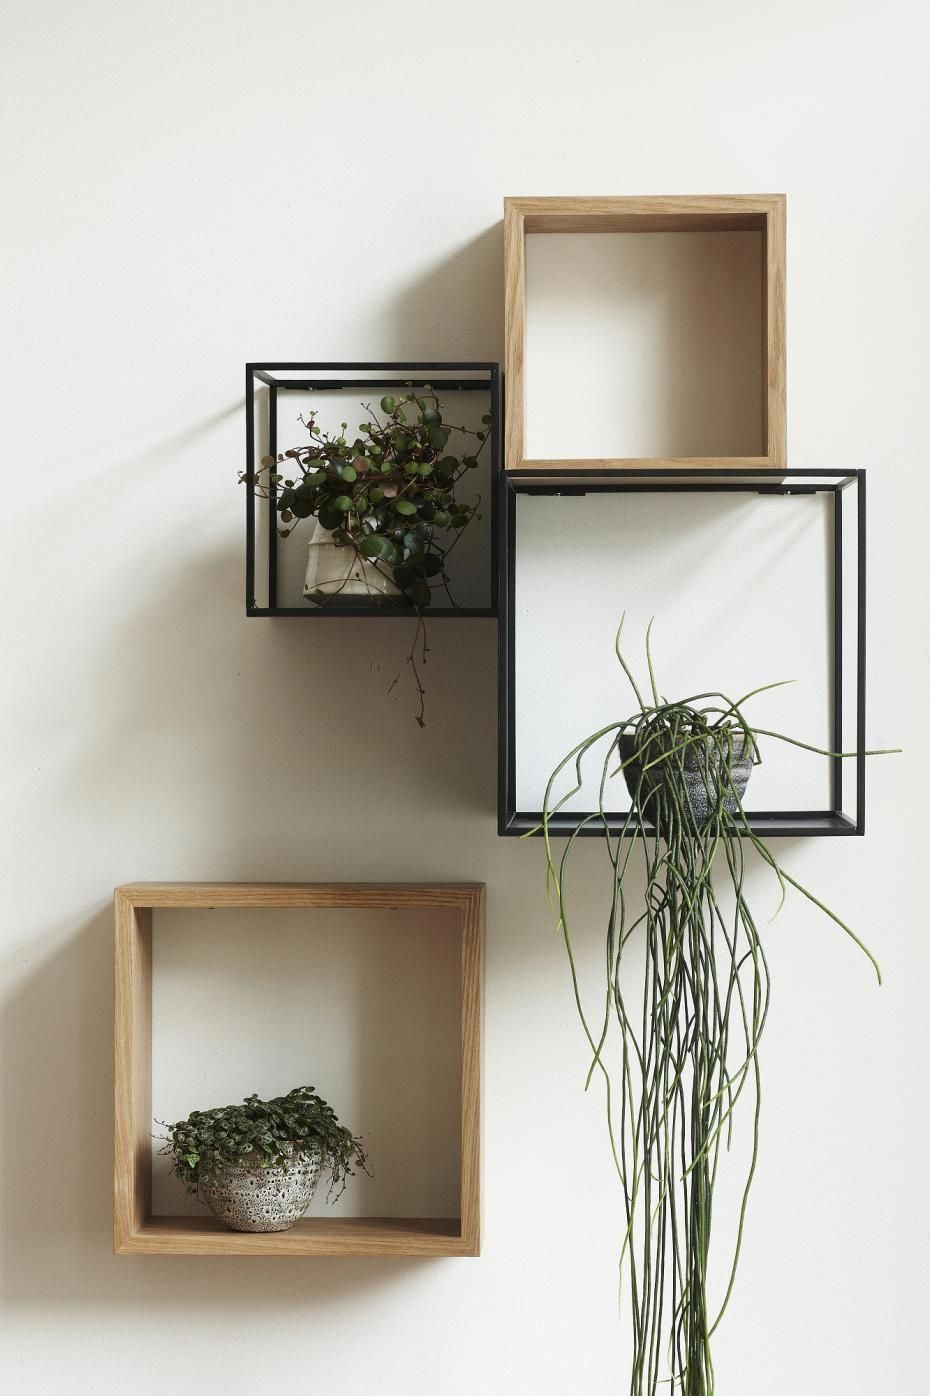 Cube déco et rangement #DécorationCuisine #wanddekowohnzimmer Cube déco et rangement #DécorationCuisine